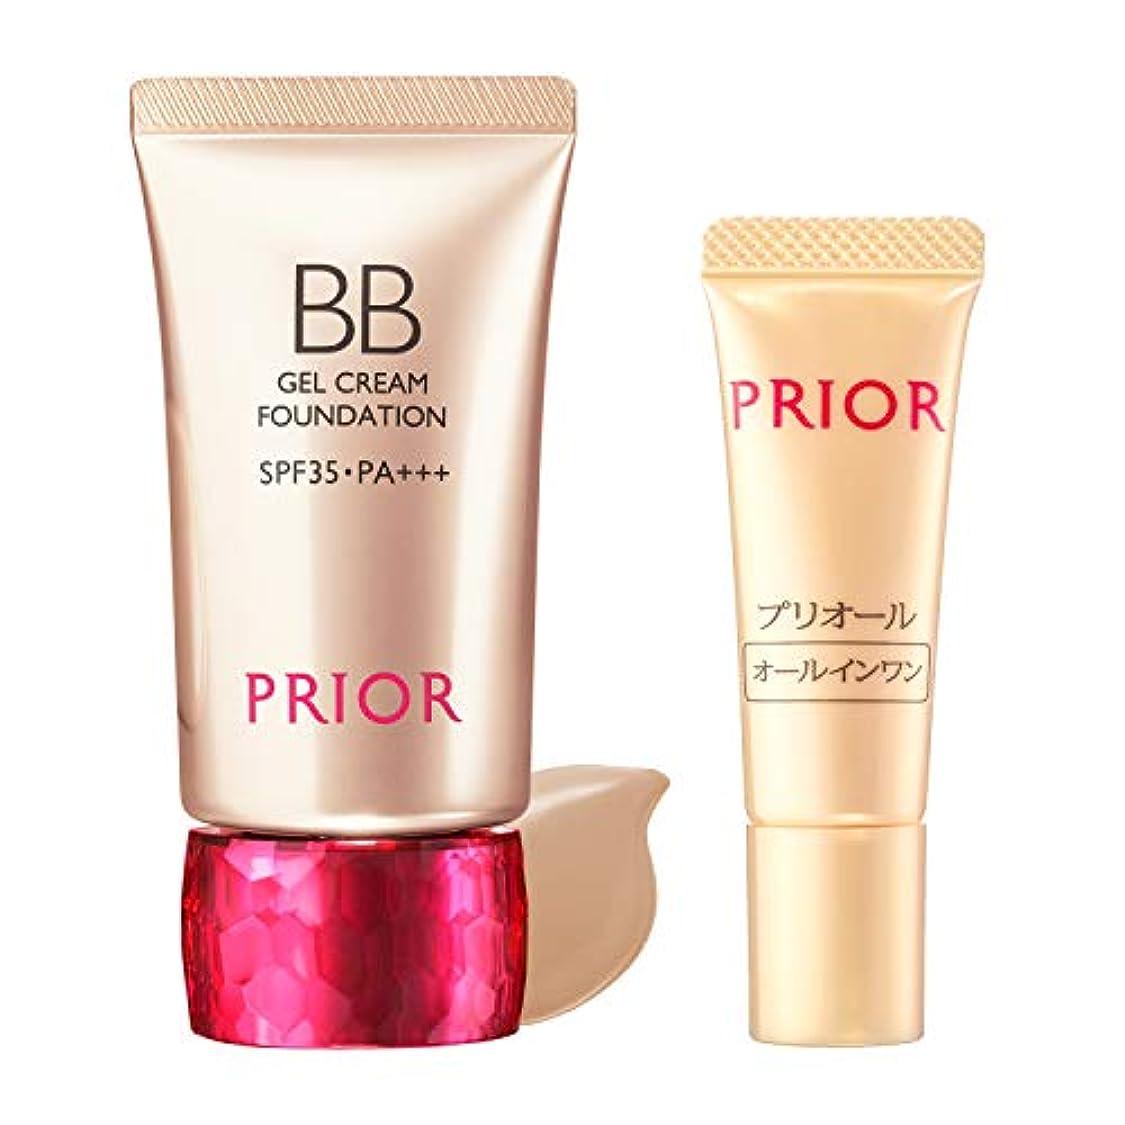 ヨーグルトテレックス理解するPRIOR(プリオール) 美つやBBジェルクリーム 限定セット g BBクリーム オークル3(セット品) 30g+1g